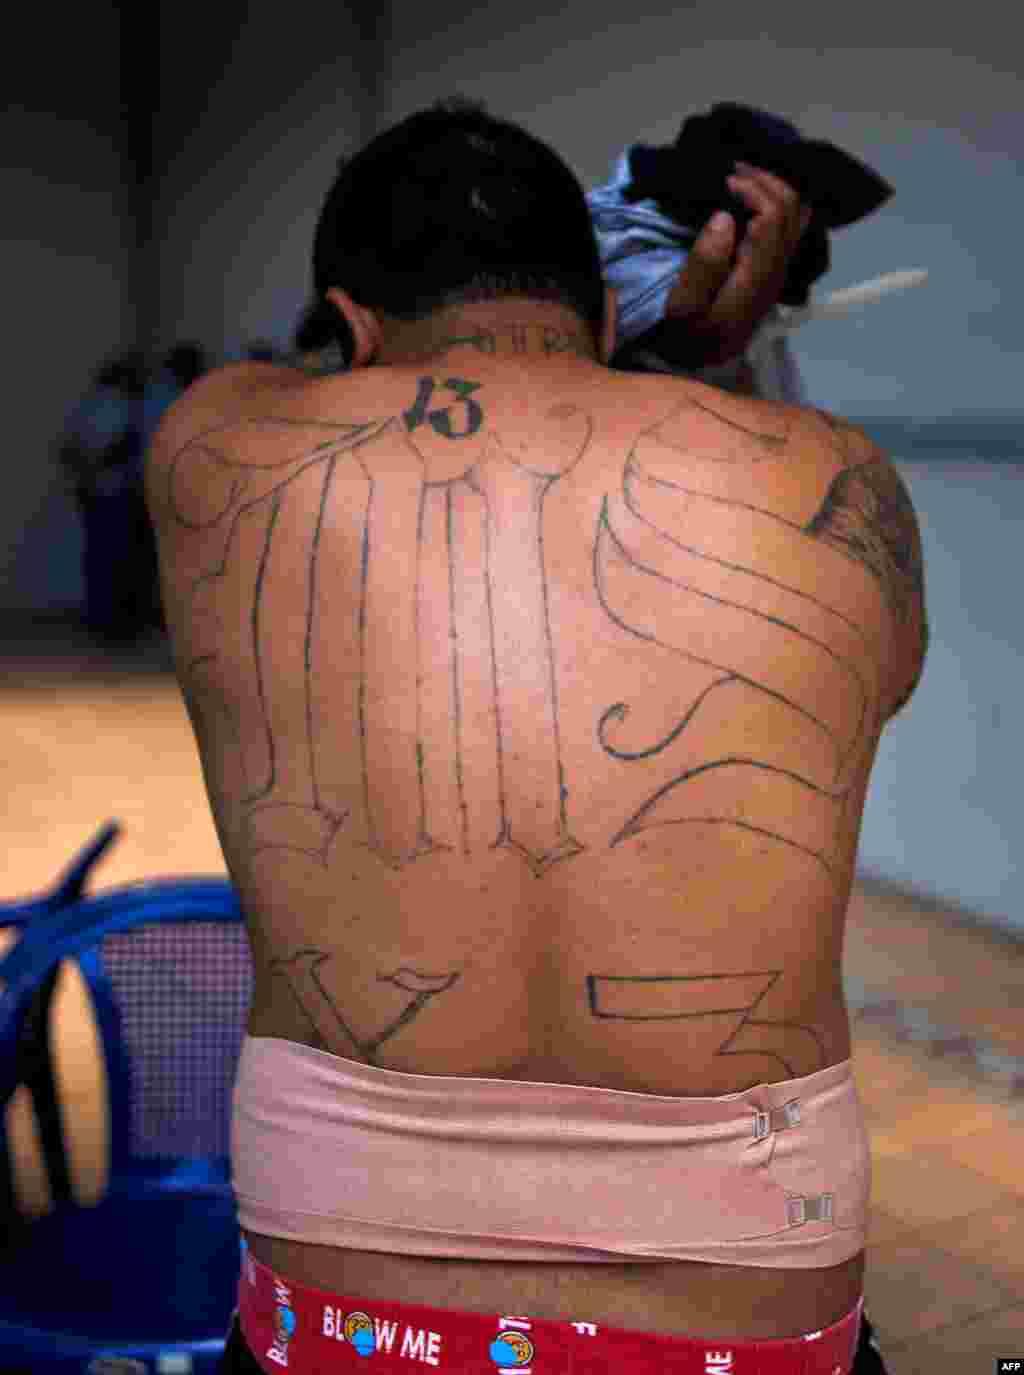 Un supposé membre du gang MS-13 couvre son visage lors d'une arrestation à San Salvador, le 31 janvier 2014.